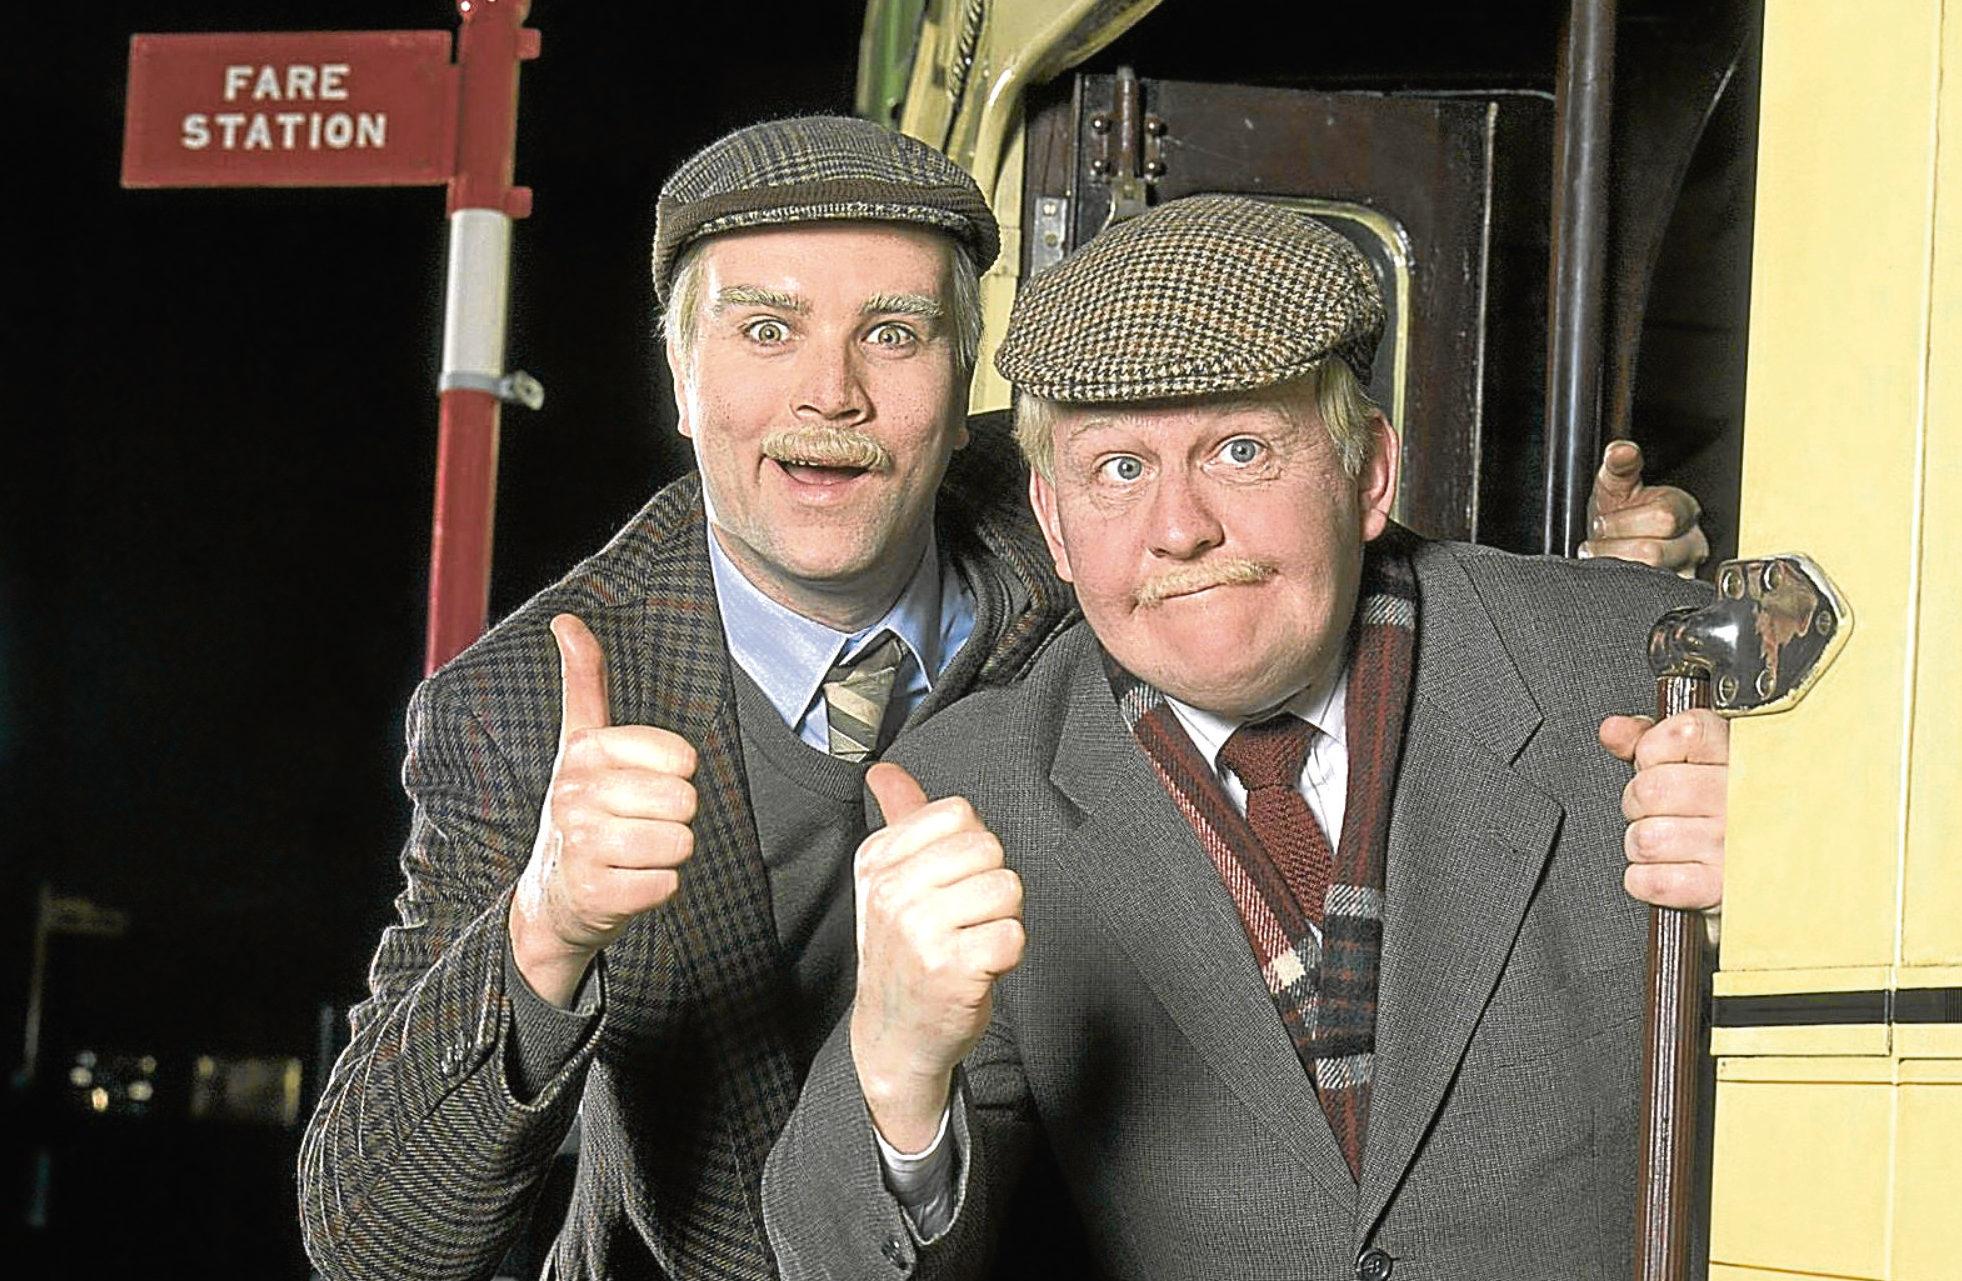 Ford Kiernan (right) alongside Greg Hemphill in Still Game (BBC)